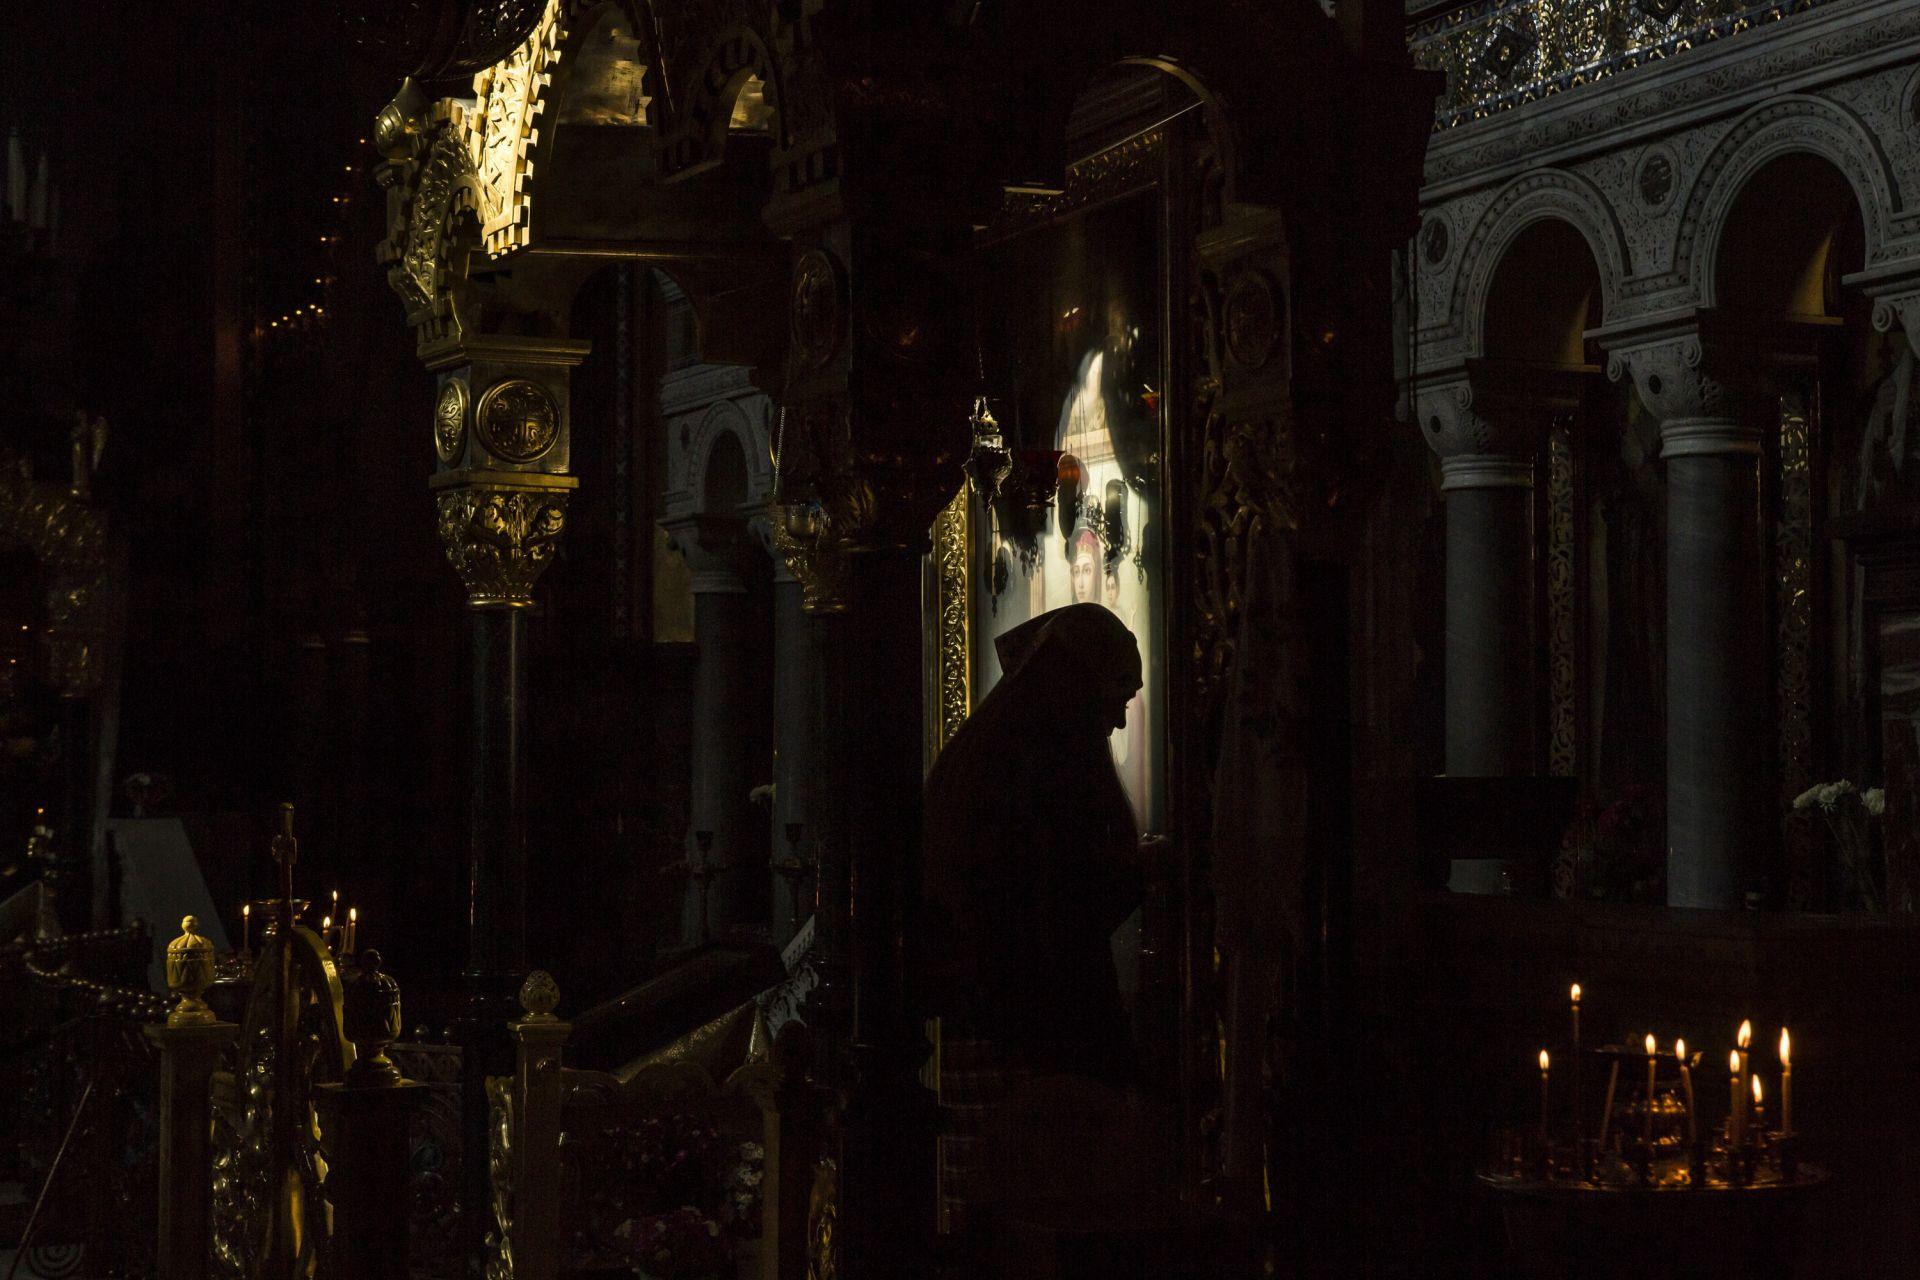 """12 октомври, Киев - поклоничка в катедралата """"Свети Владимир"""" след като е обявена дата за обединителния православен събор"""